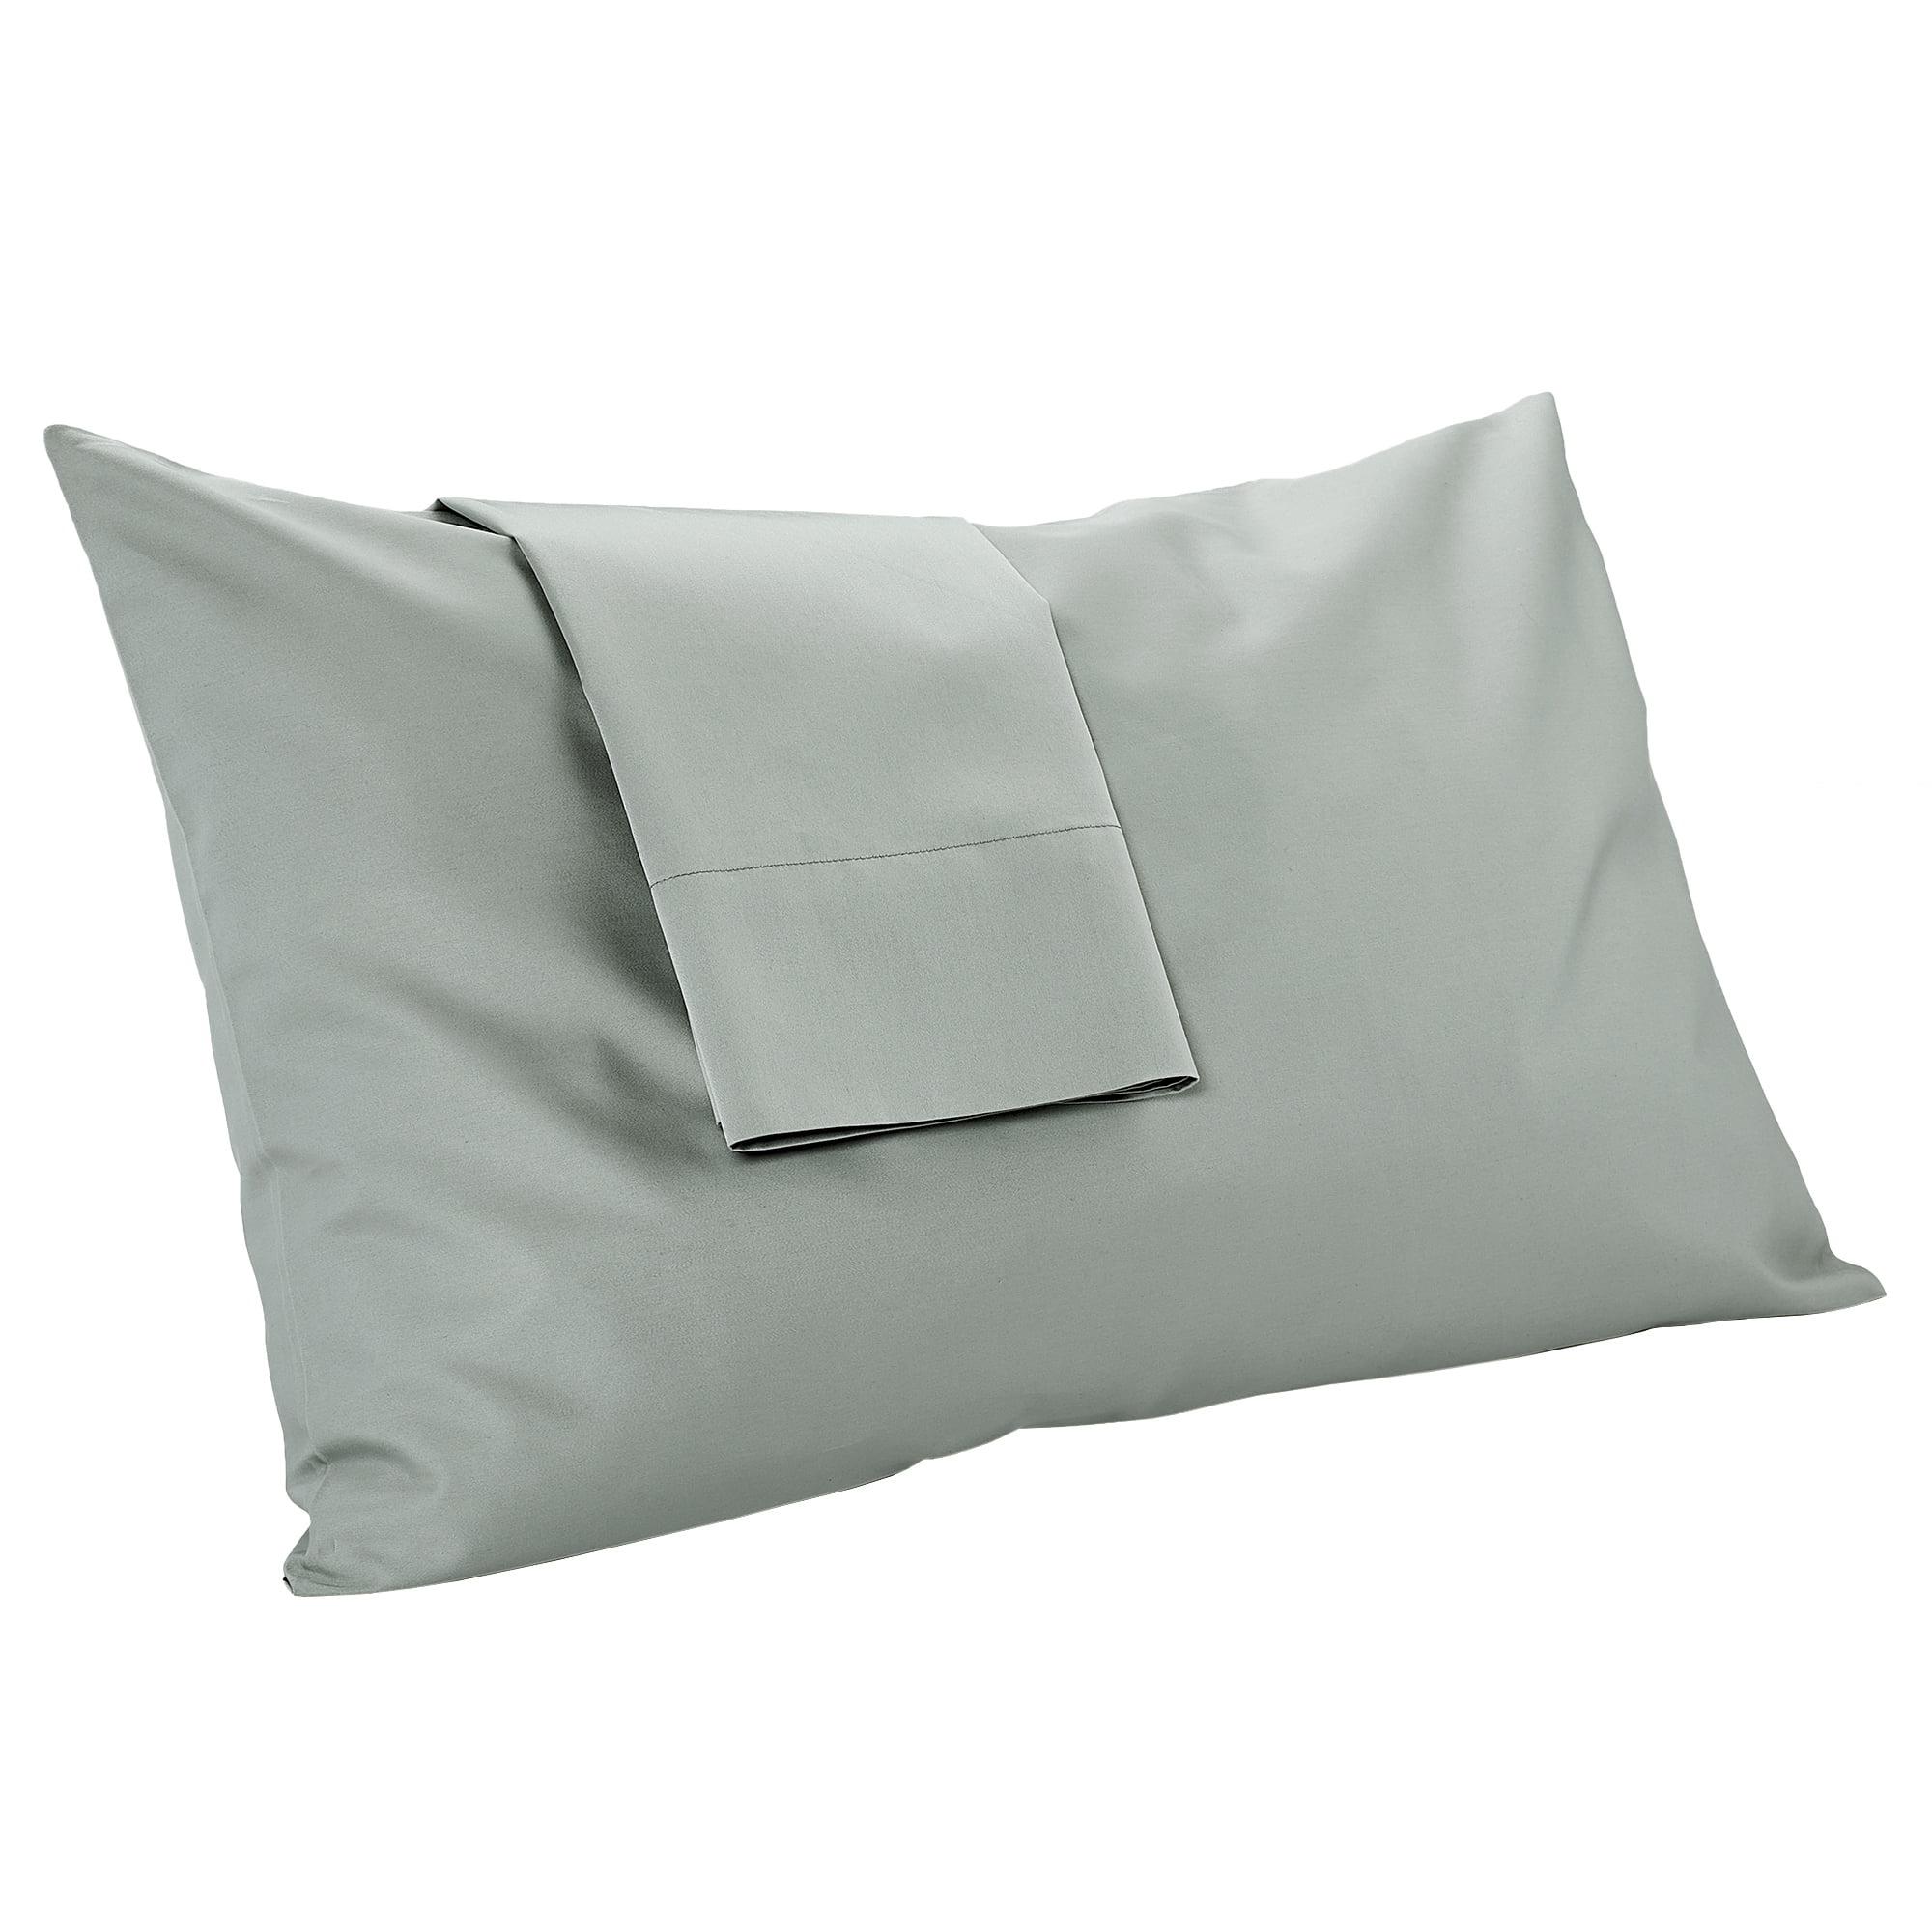 mypillow pillowcase set queen dark gray long staple egyptian cotton giza dreams